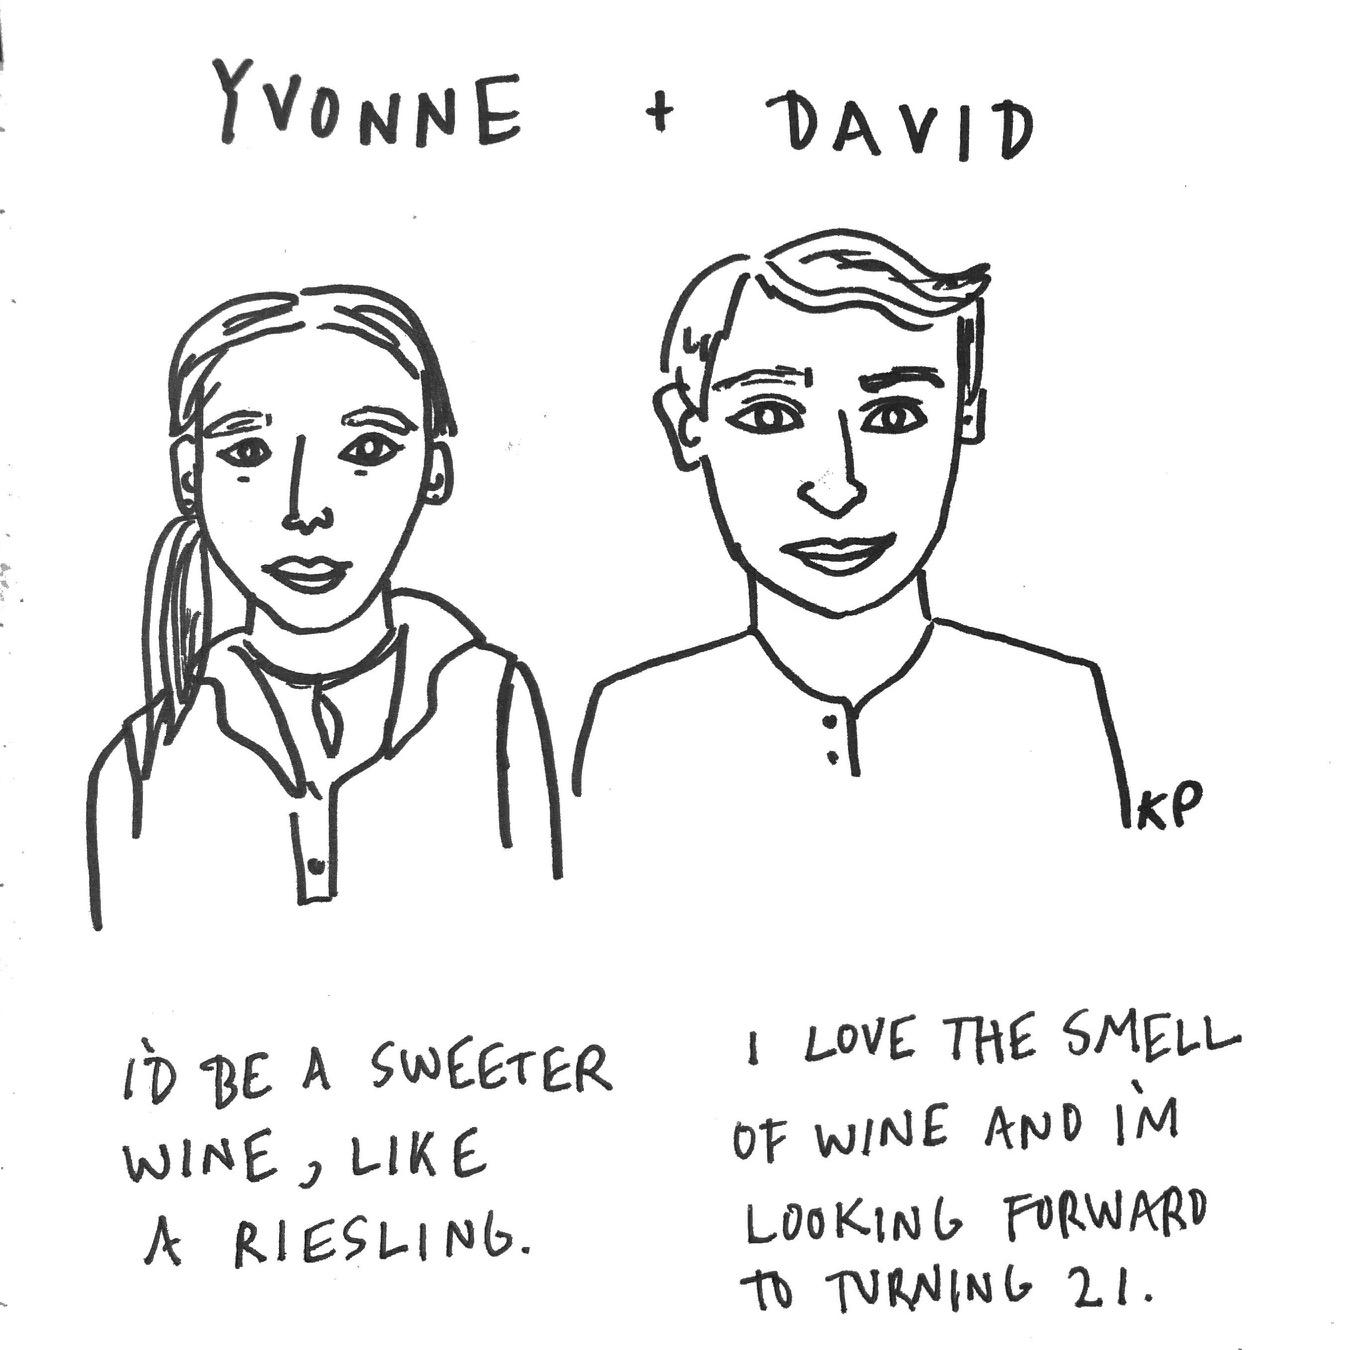 Yvonne + David.jpg